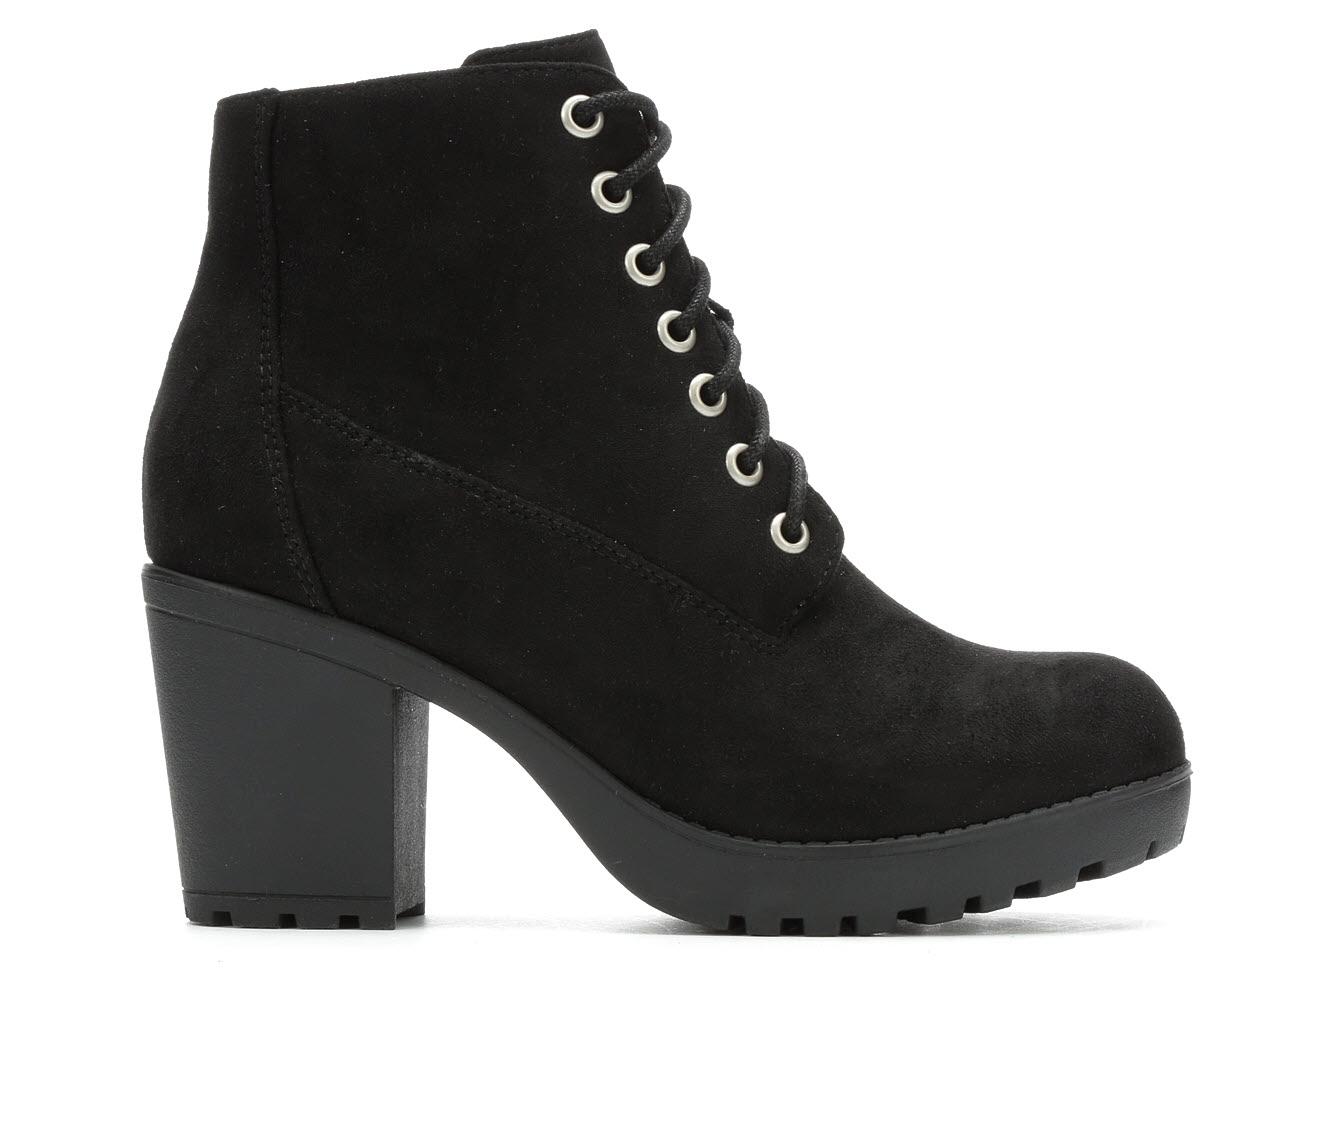 Unr8ed Second Women's Boots (Black - Canvas)